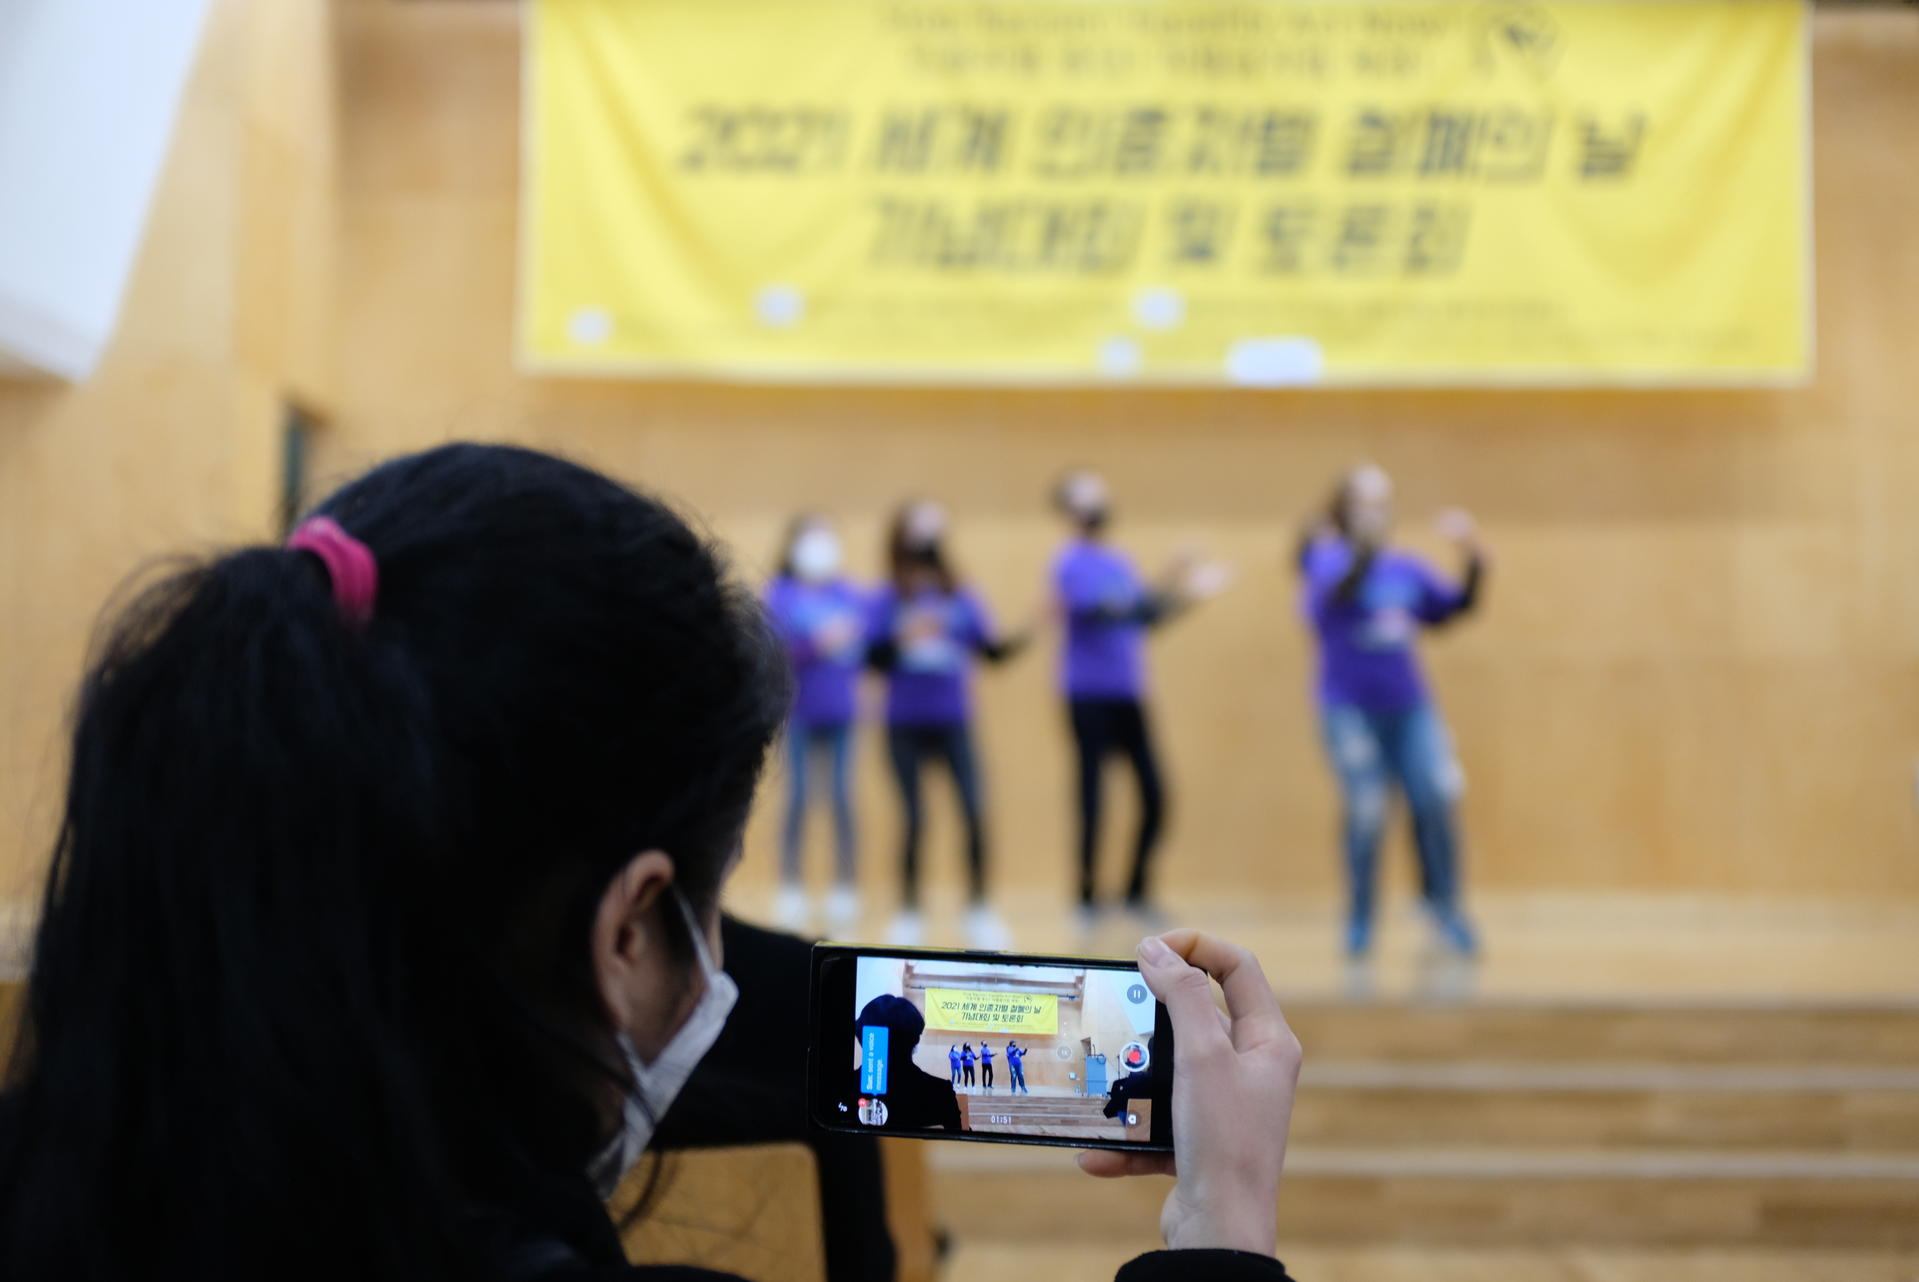 무대위 공연을 관객석의 참여자가 핸드폰으로 촬영하고 있다